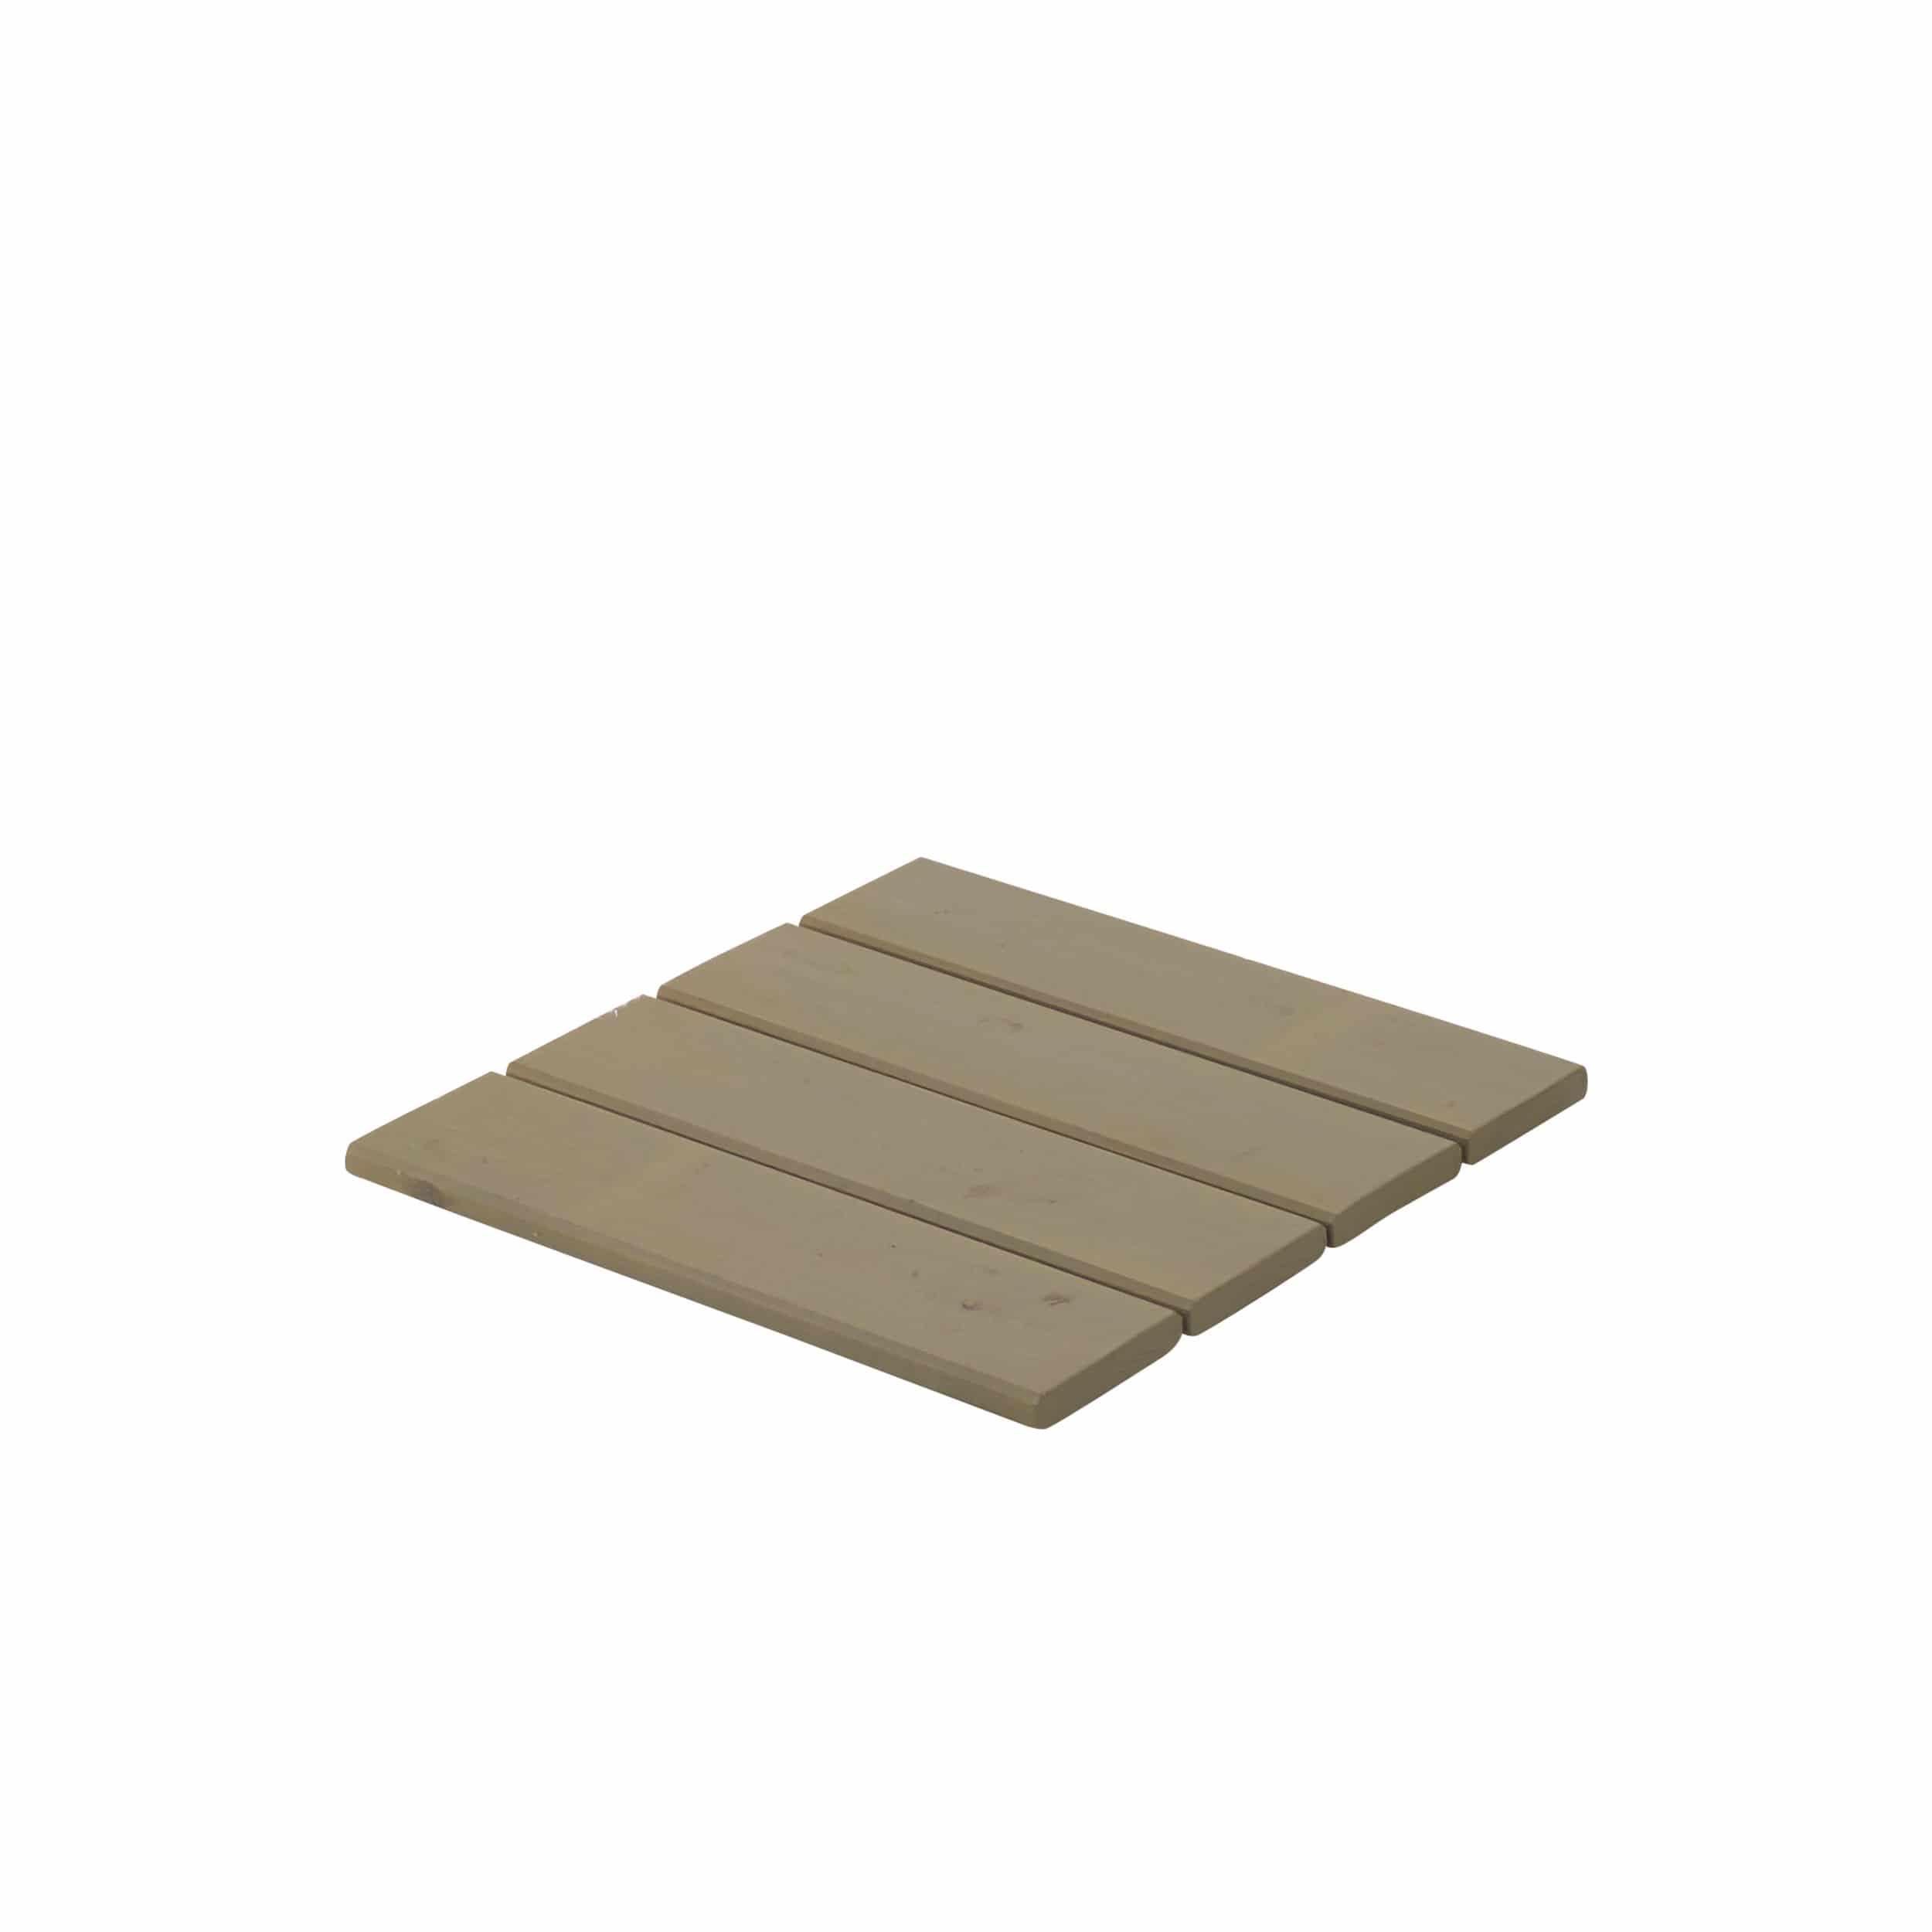 Deckel für Plus DK Blumenkasten L50cm farbgrundiert graubraun